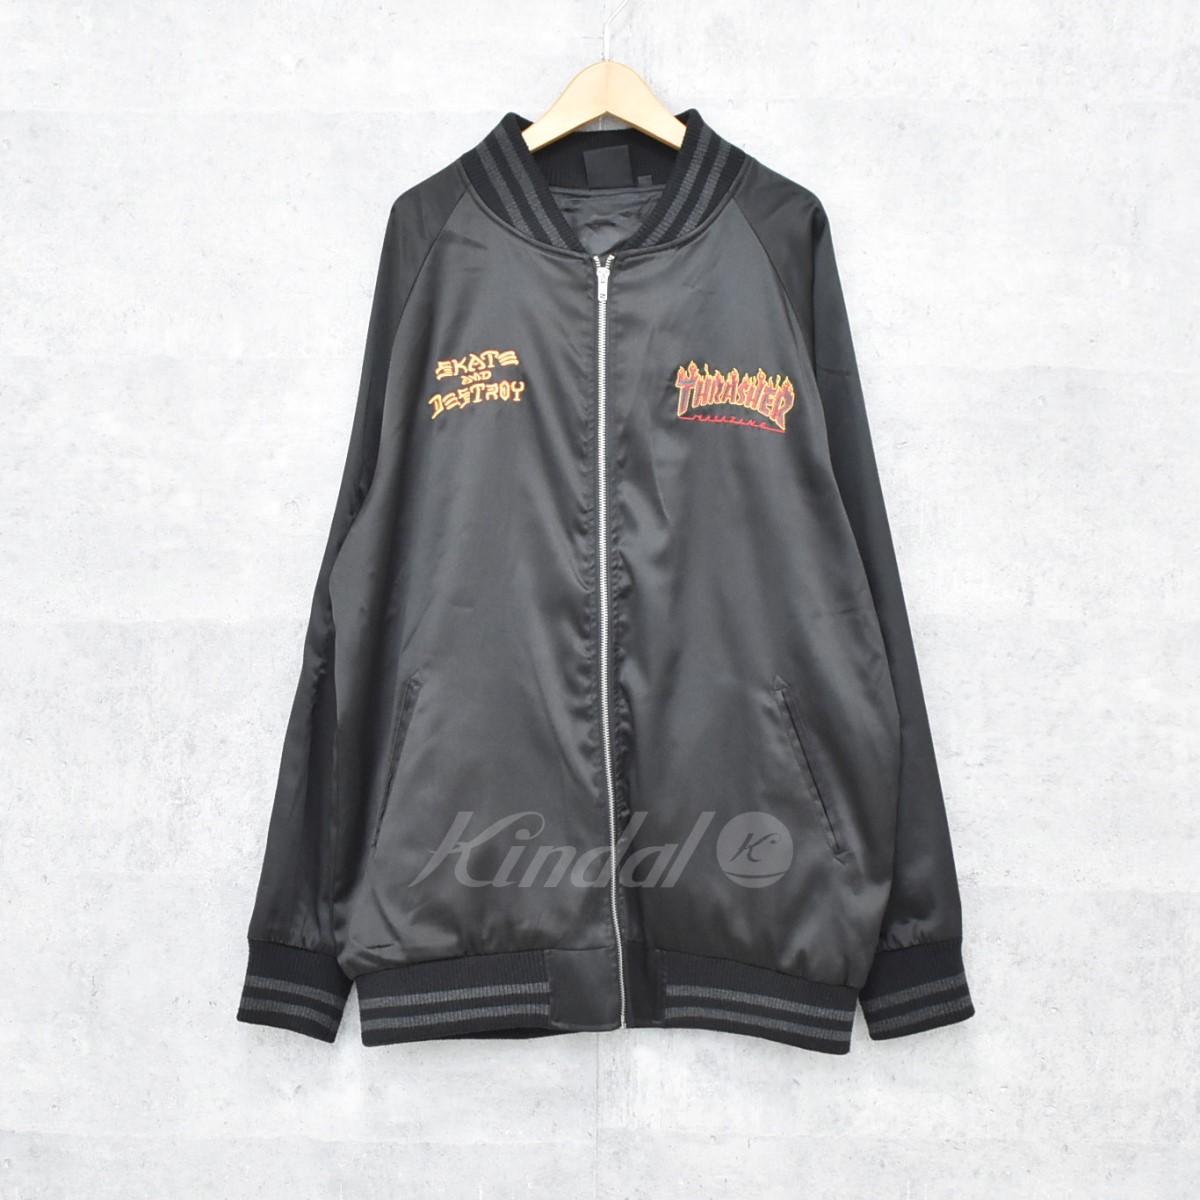 【中古】THRASHER スカジャン ブラック サイズ:XL 【送料無料】 【240918】(スラッシャー)